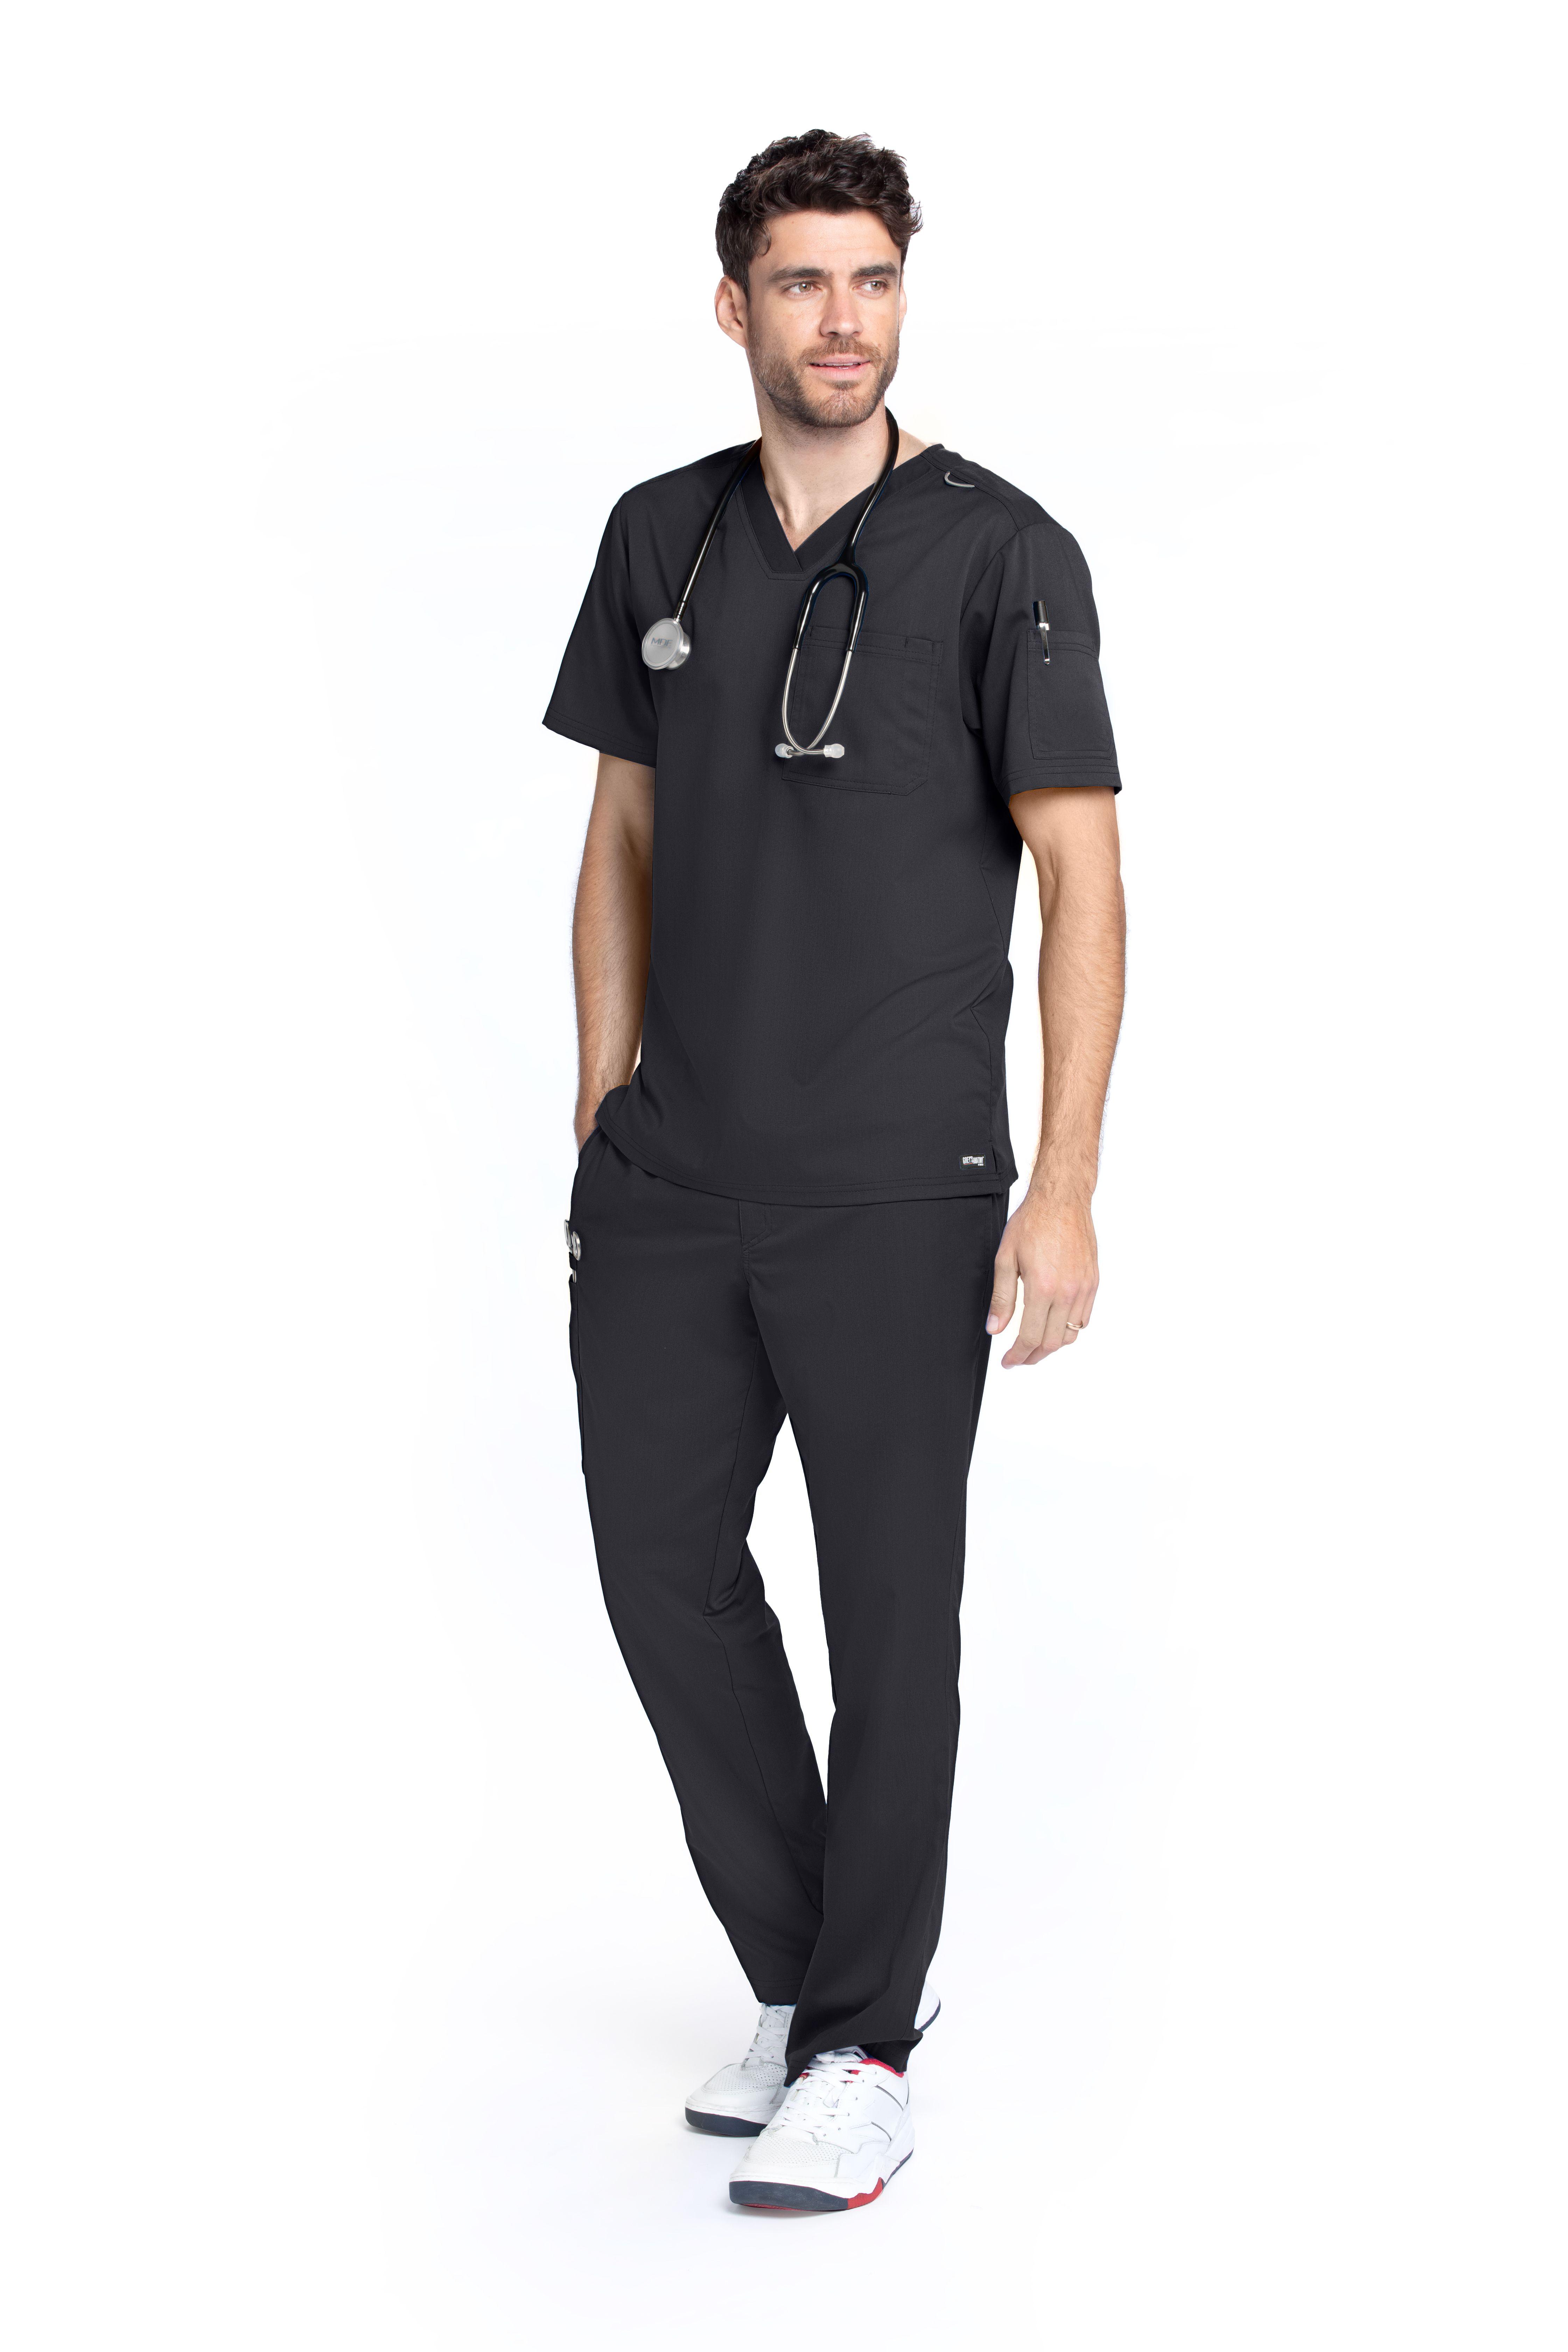 Z - Grey's Men's 2 Pocket Lapover V-Neck Top-Grey's Anatomy